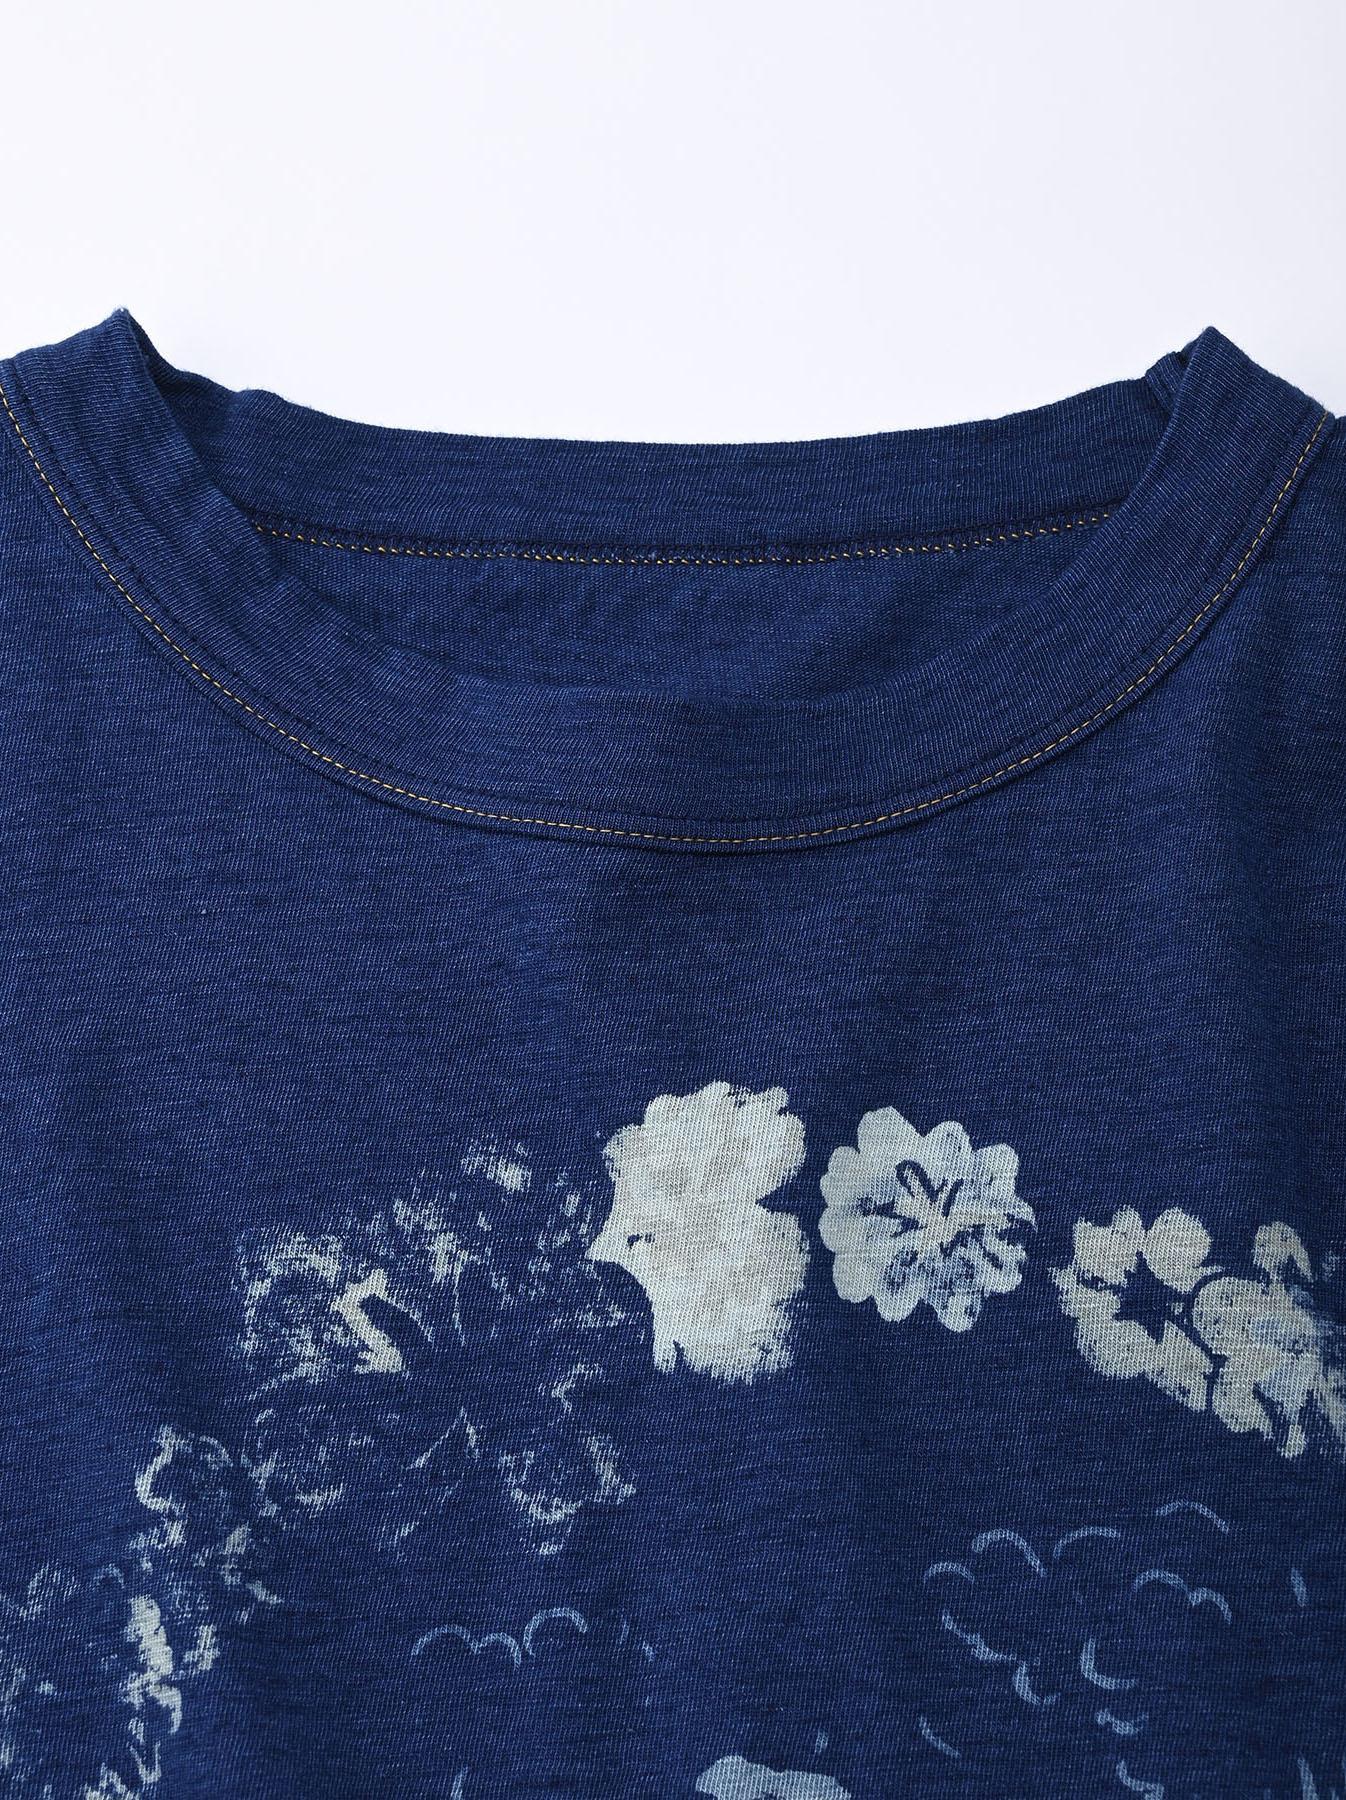 Indigo Lei Surf Print 908 Ocean T-Shirt (0521)-7